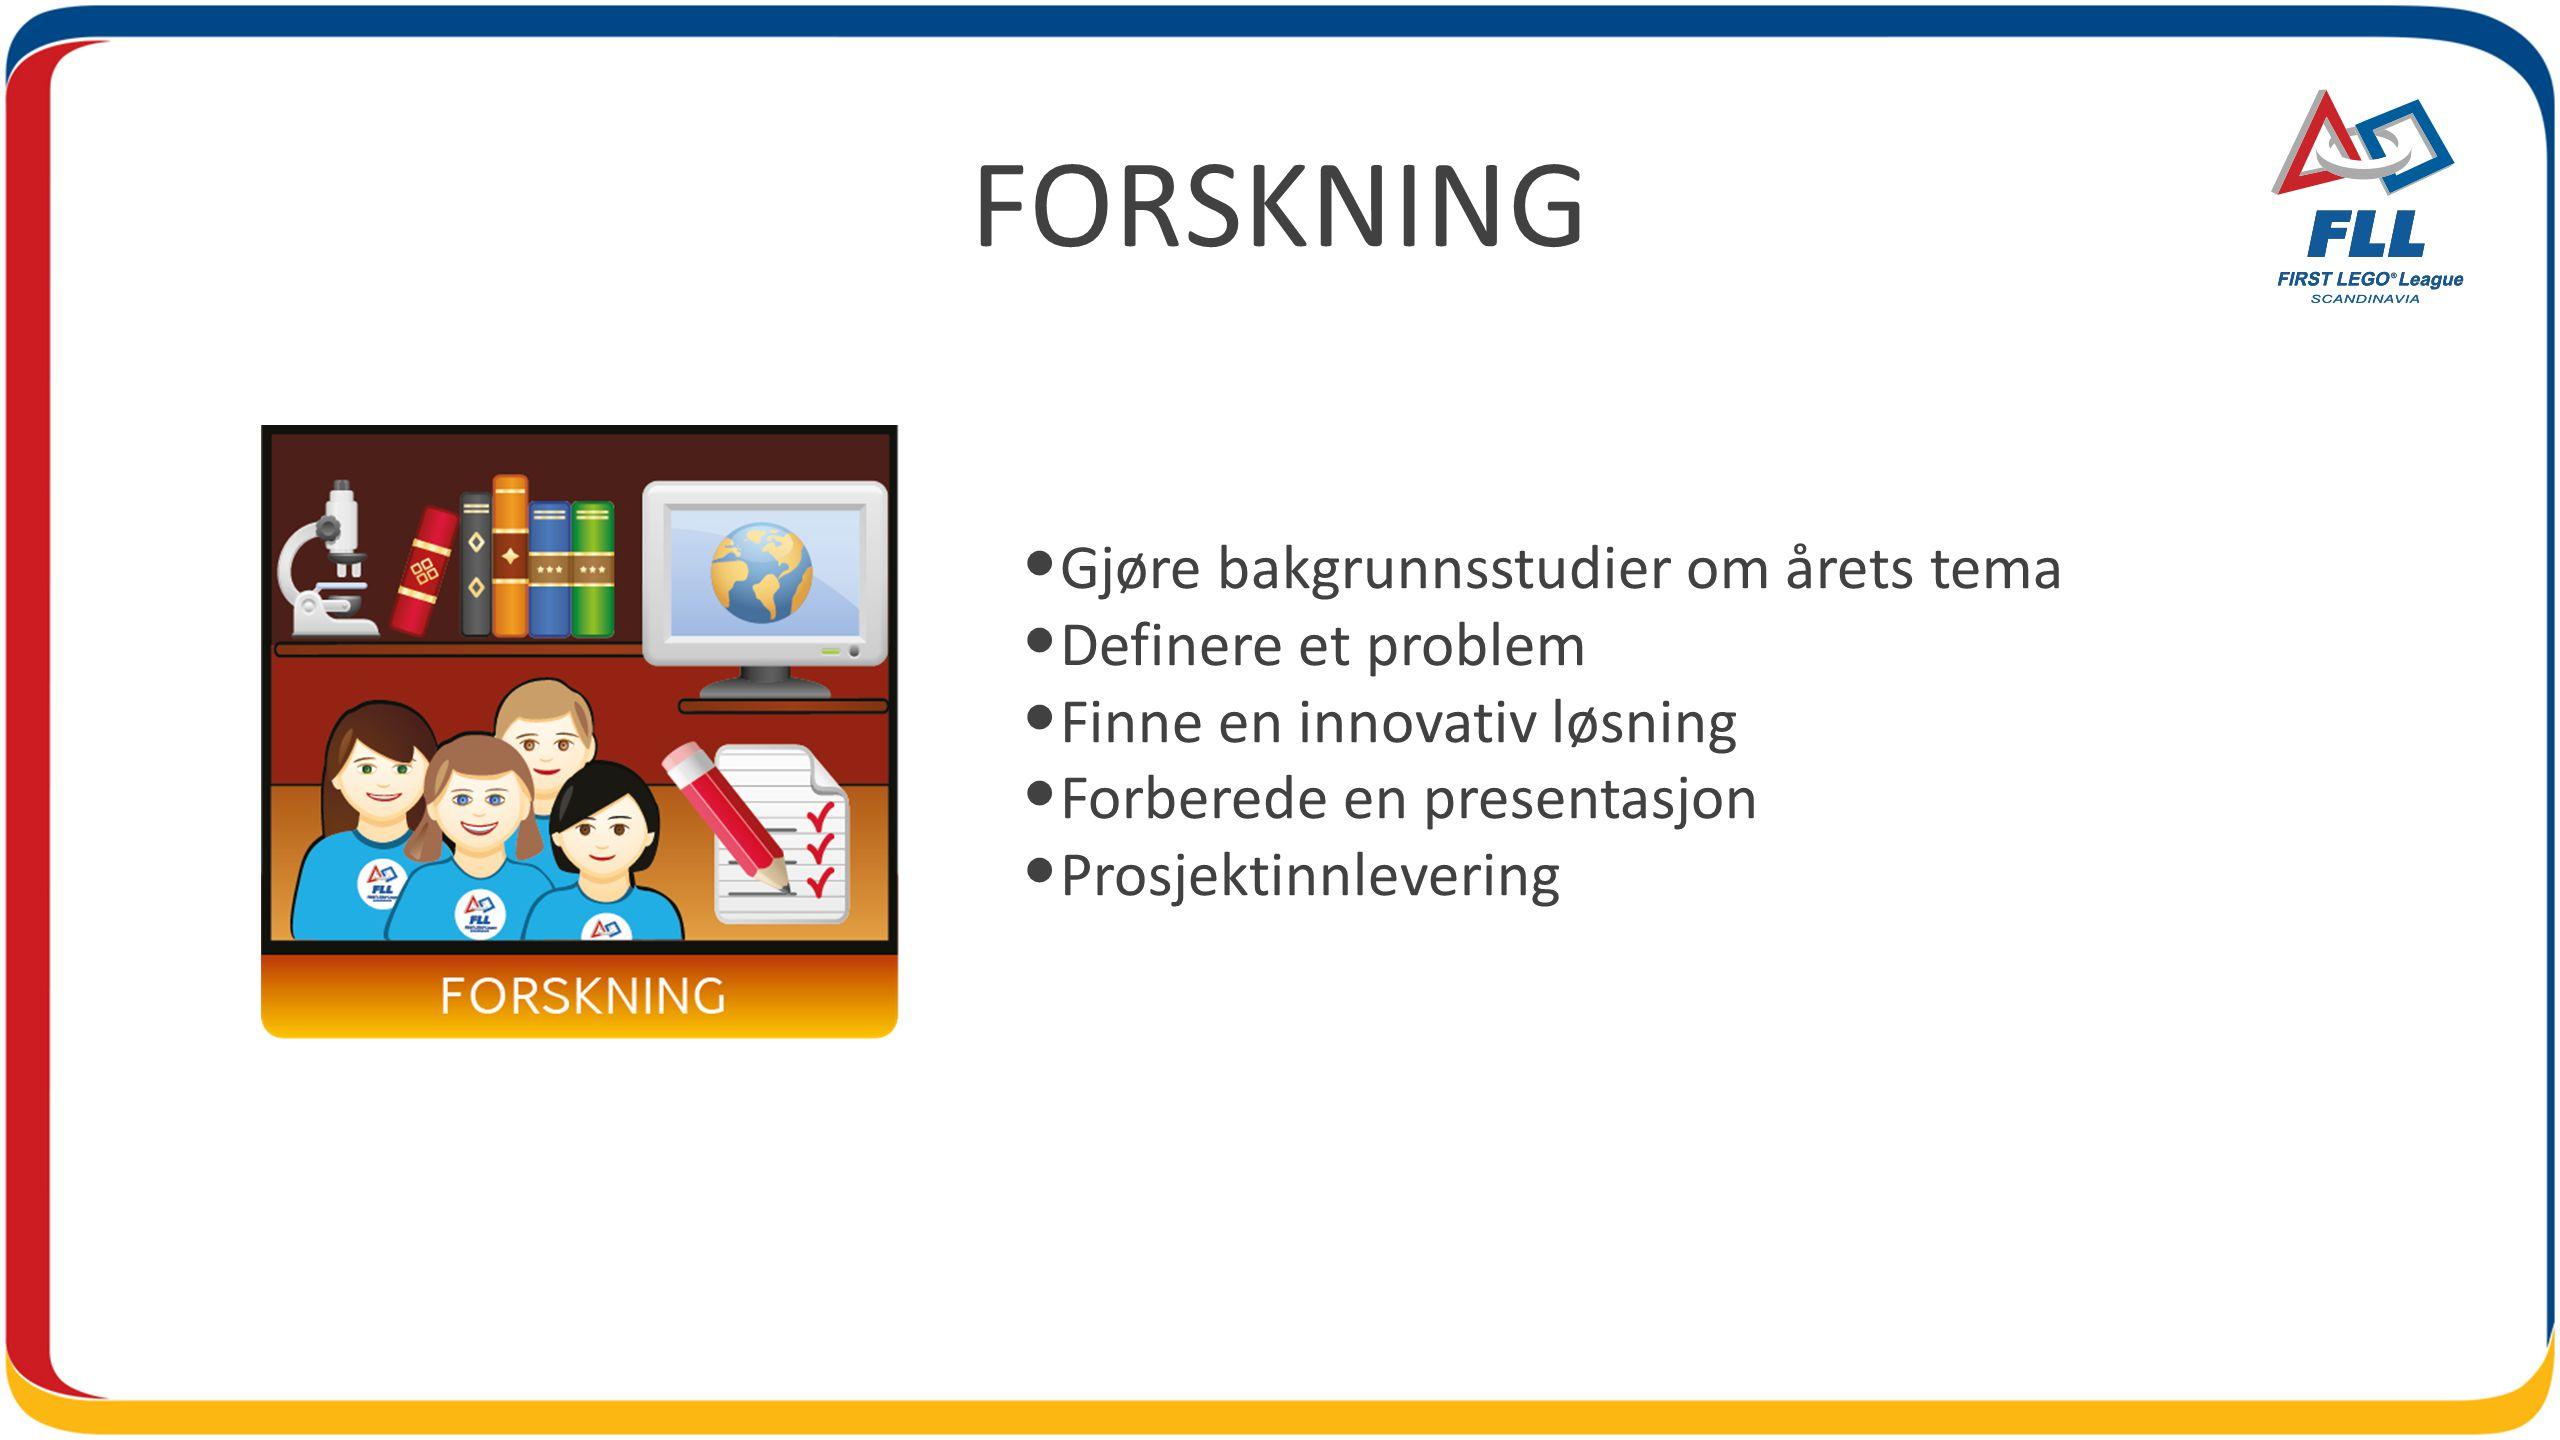 FORSKNING • Gjøre bakgrunnsstudier om årets tema • Definere et problem • Finne en innovativ løsning • Forberede en presentasjon • Prosjektinnlevering